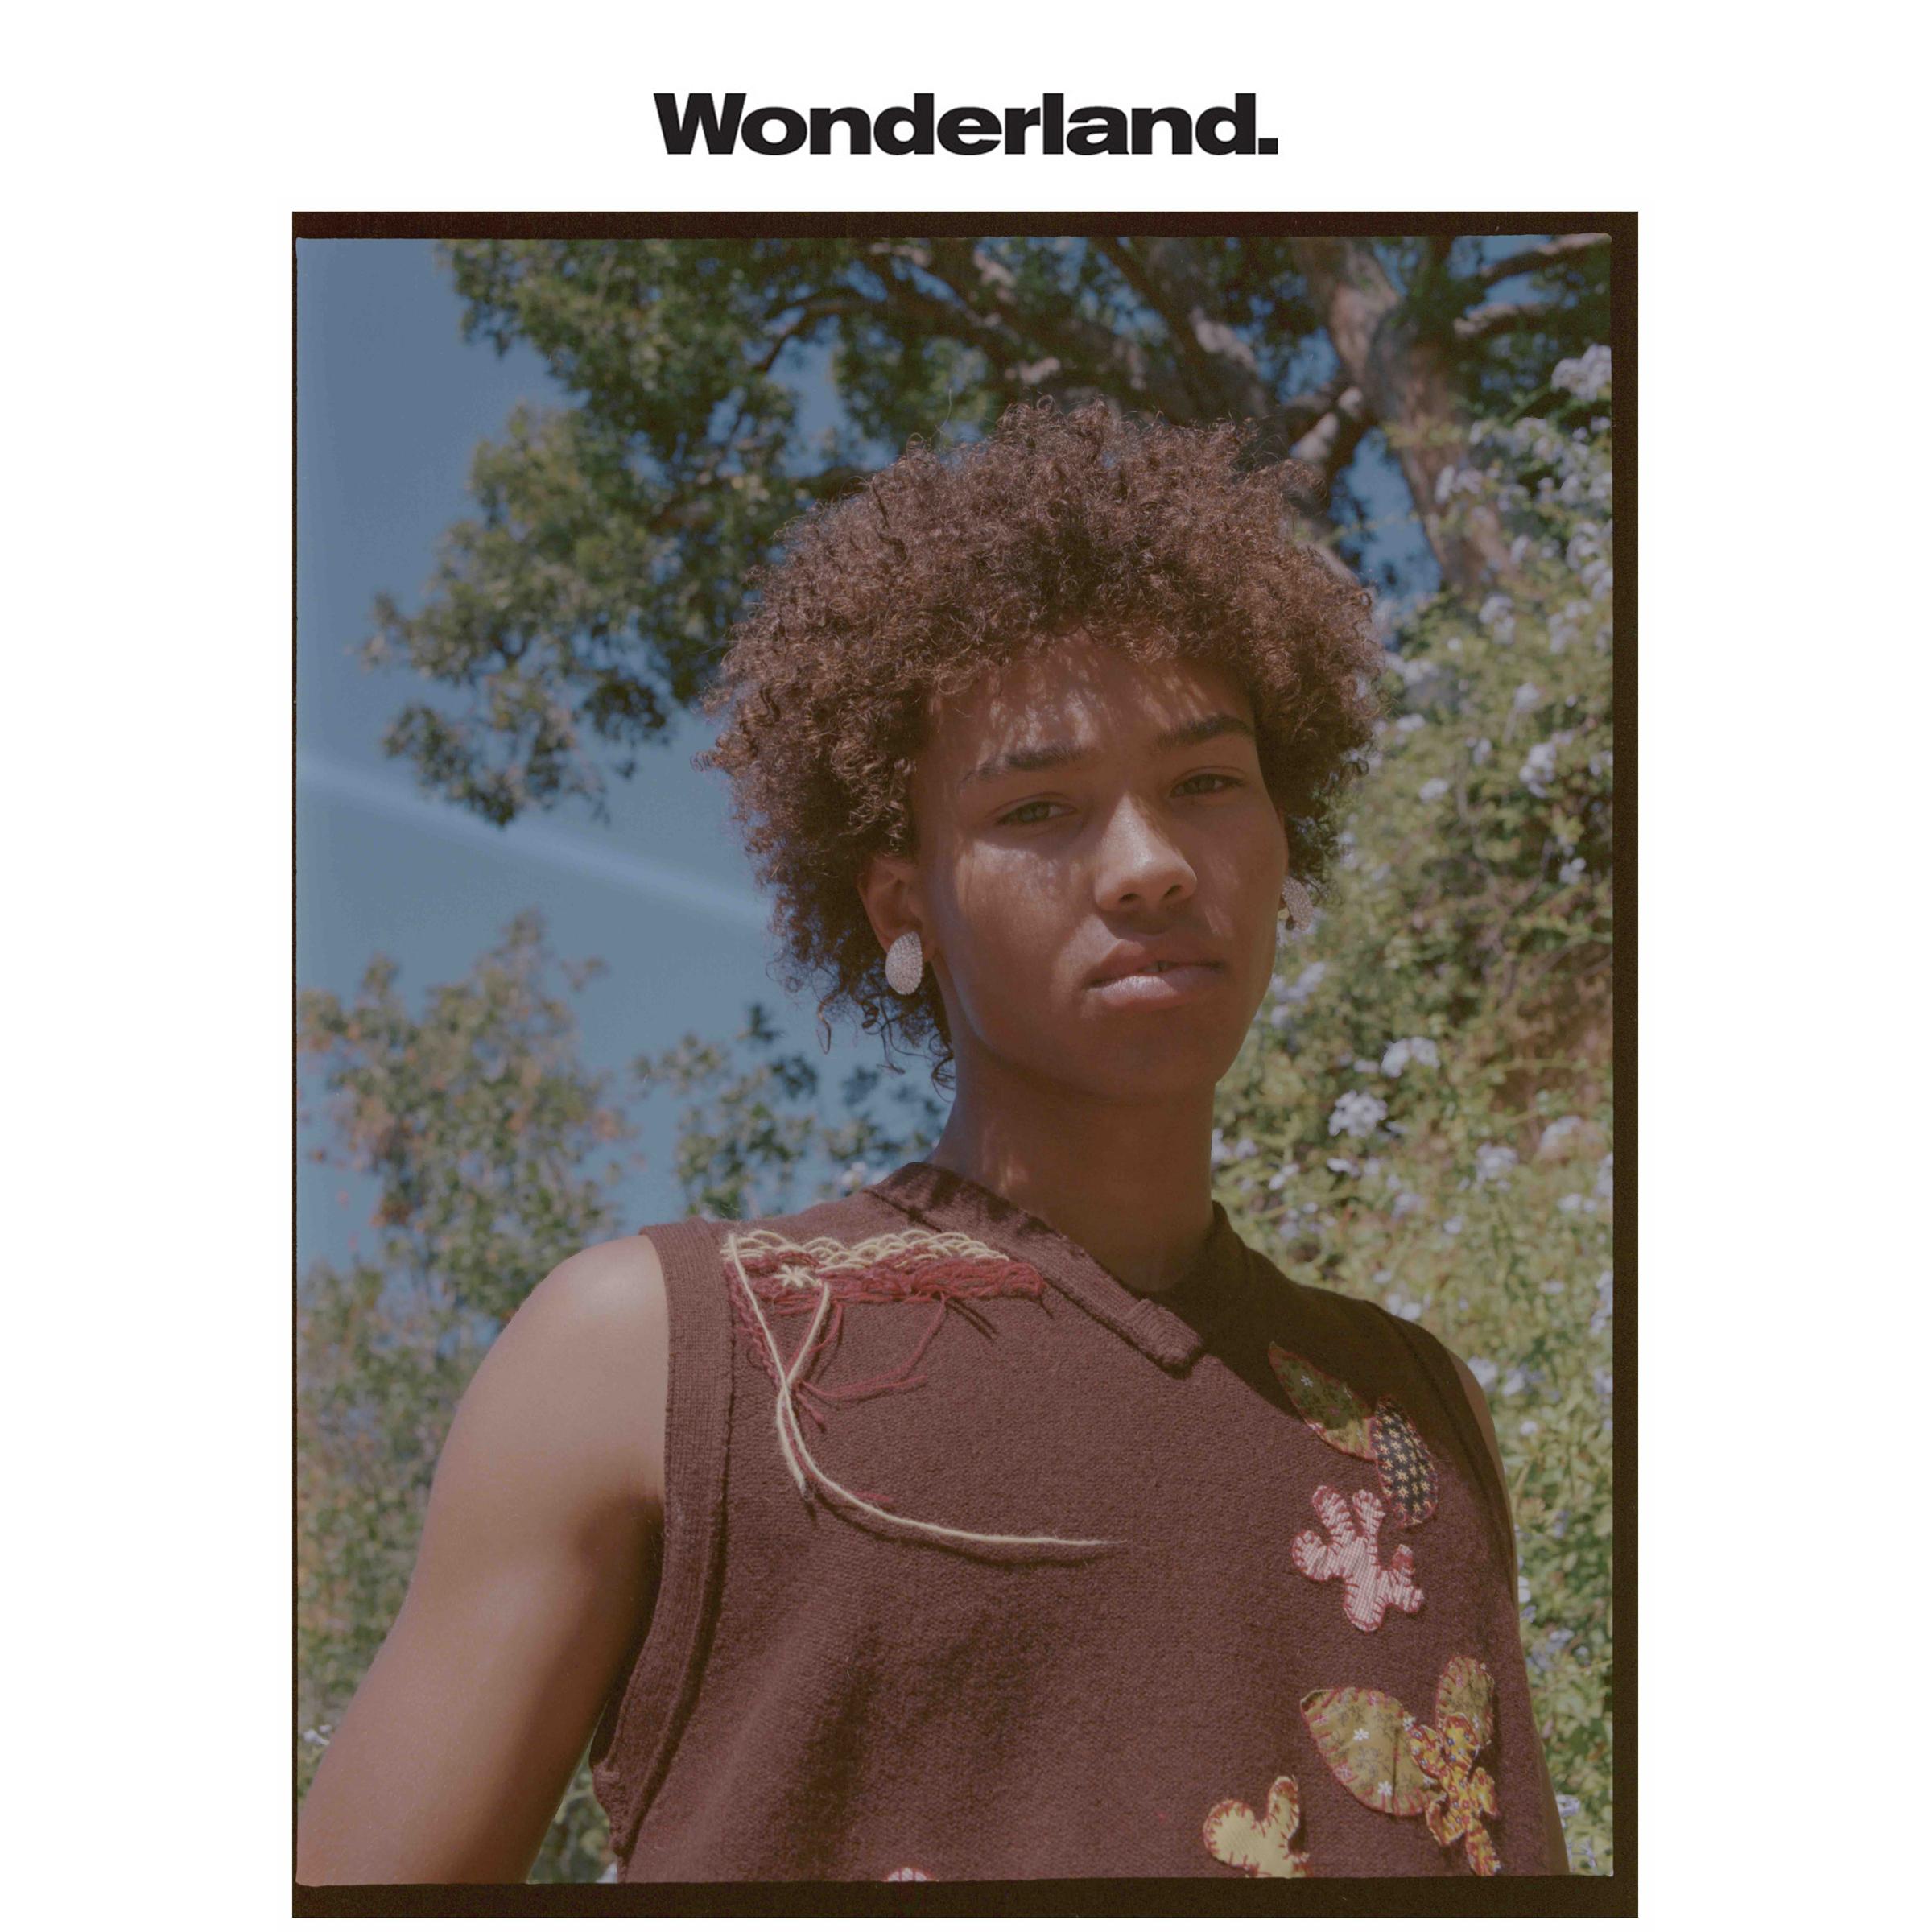 wonderland_chloechenelle_3.jpg